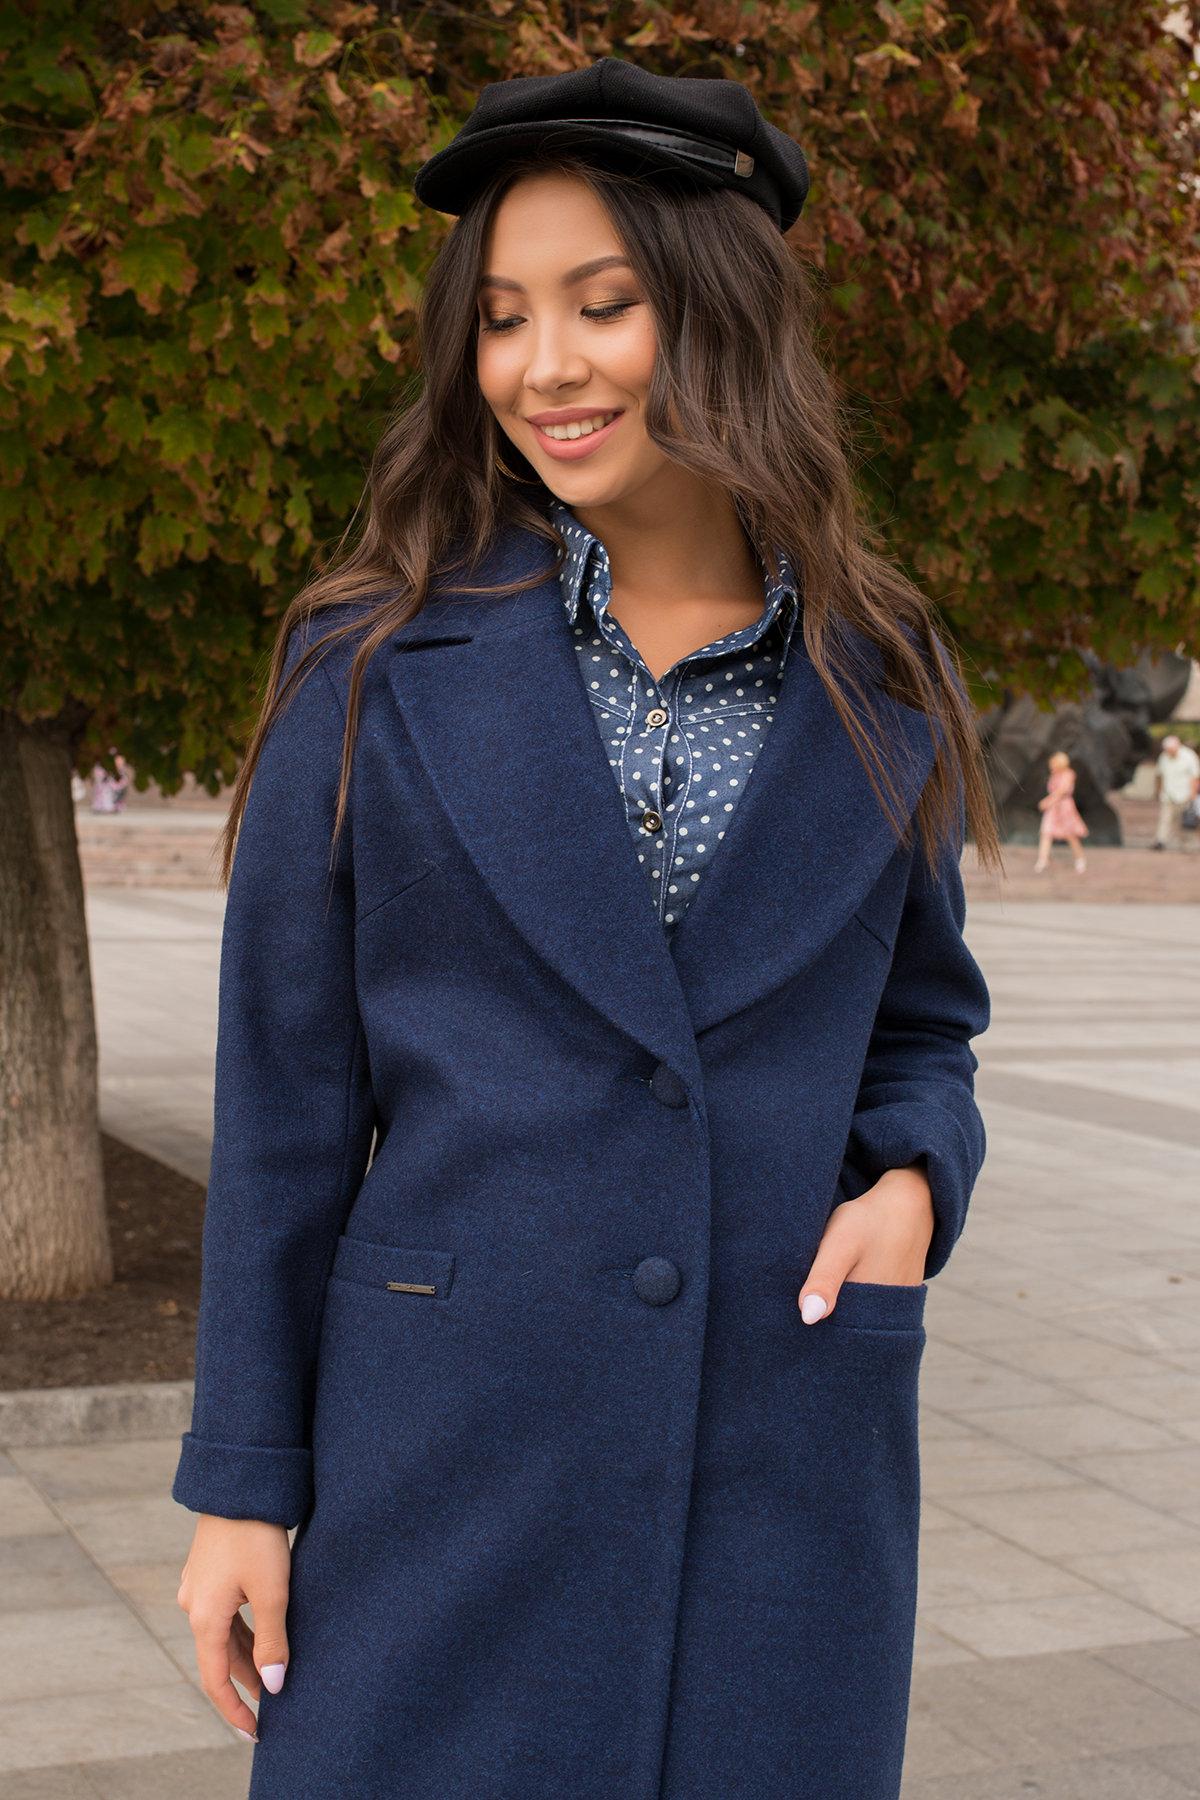 Демисезонное пальто с прорезными карманами Вива 6378 АРТ. 41258 Цвет: Т.синий 17 - фото 3, интернет магазин tm-modus.ru